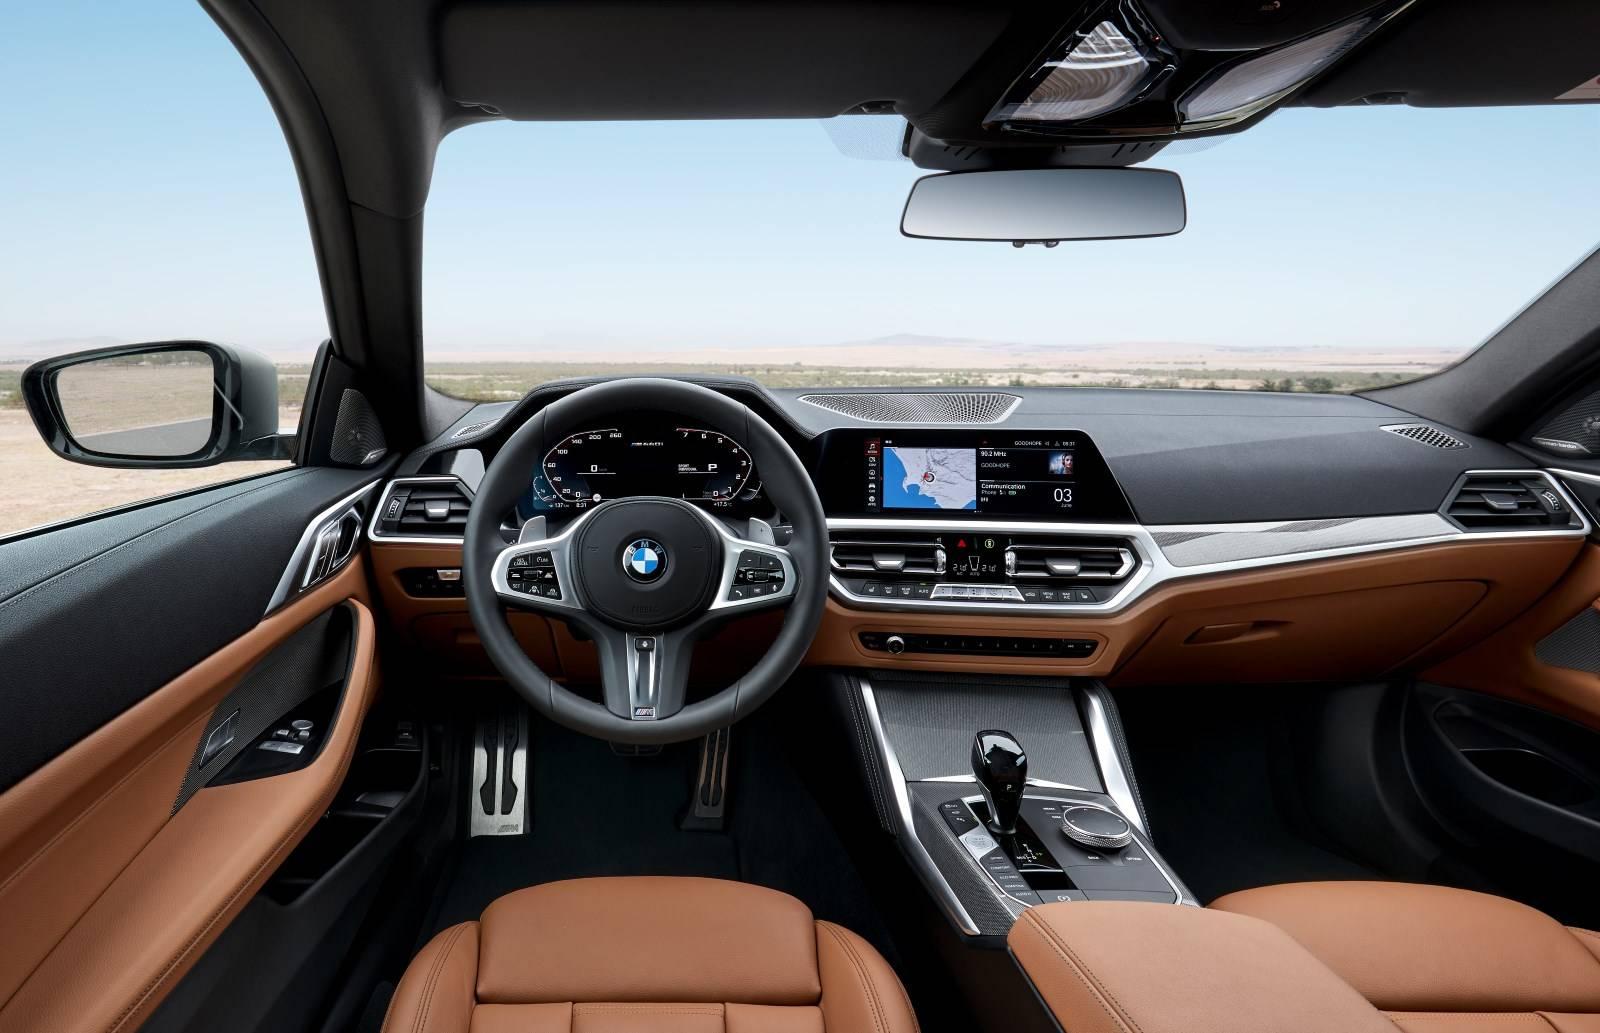 BMW 4 Series Coupe G22 - кардинально новый дизайн 8